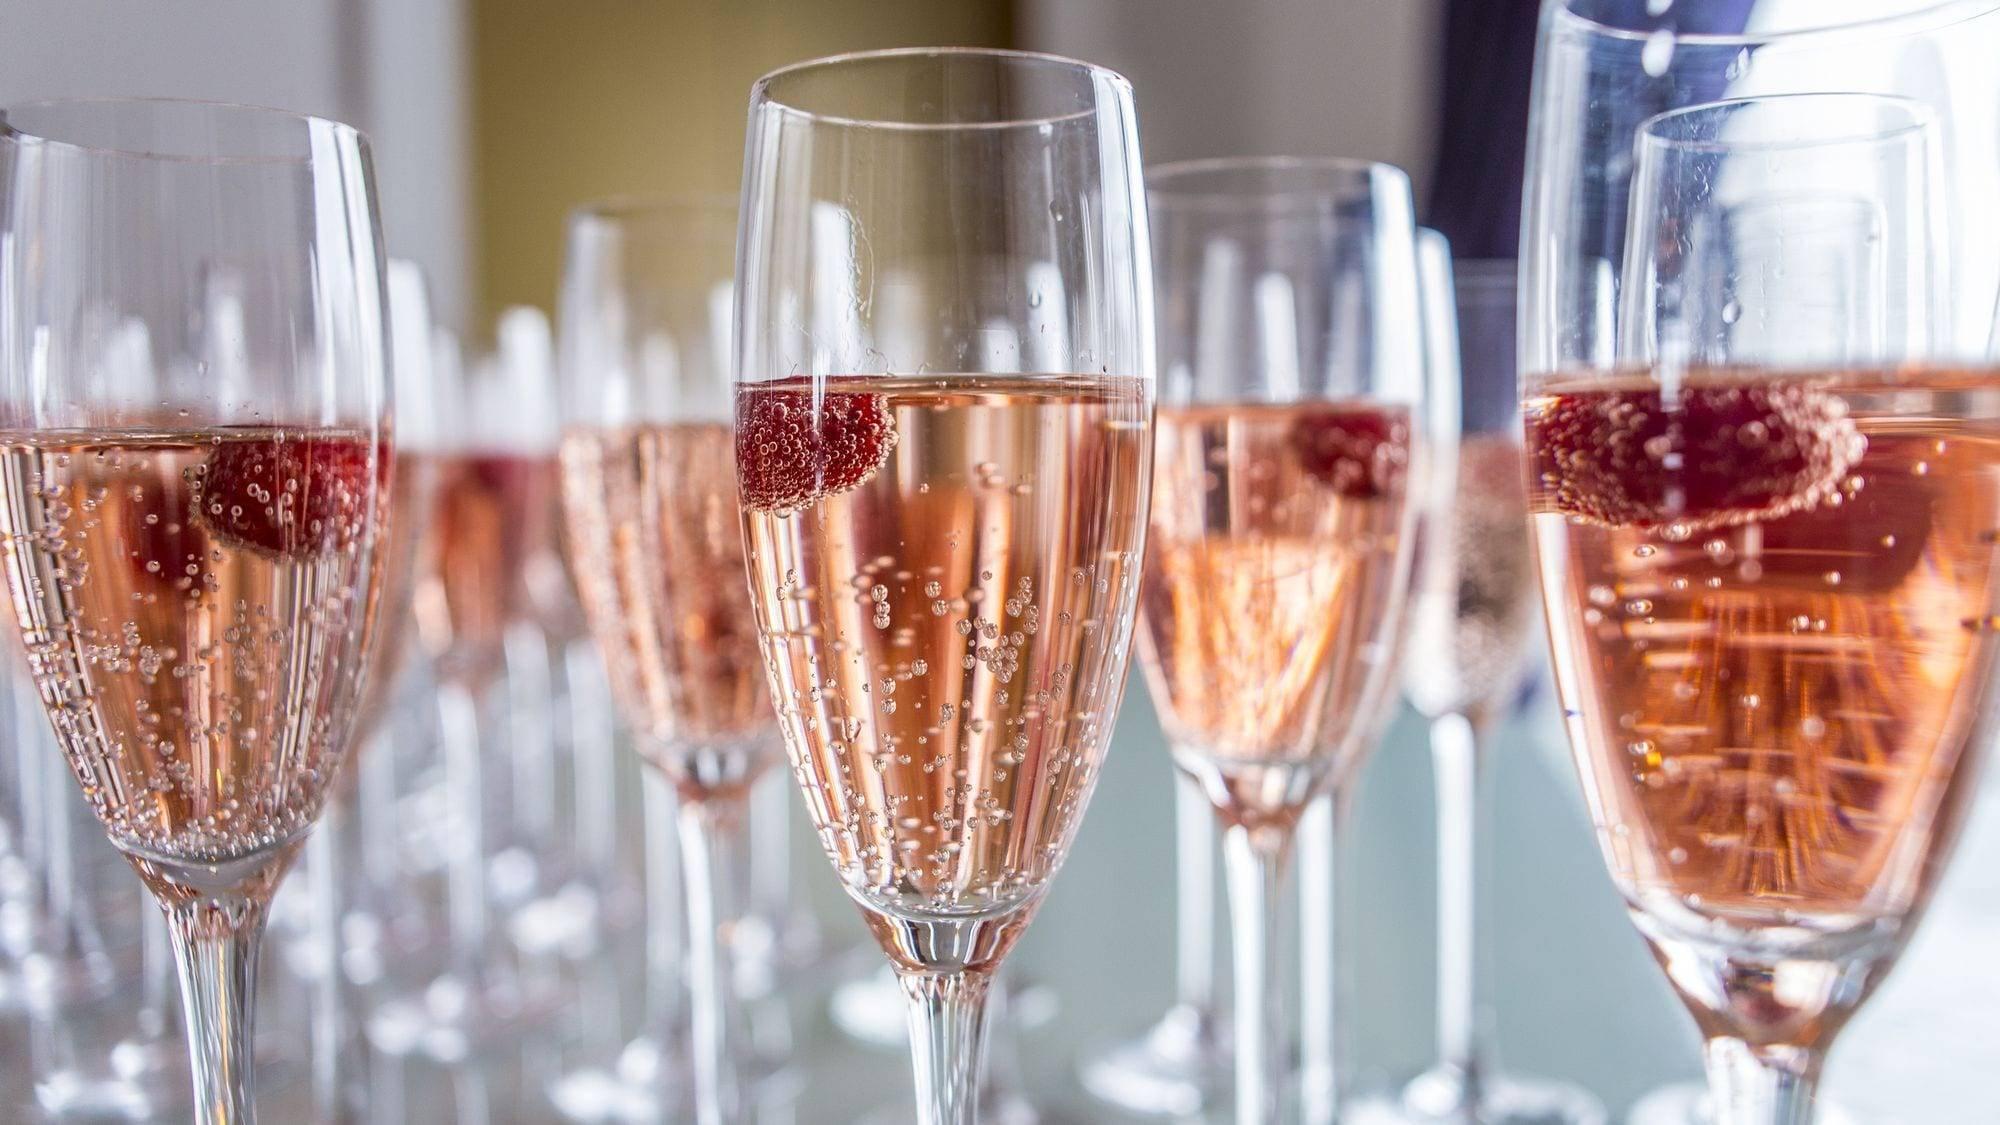 Розовое шампанское: что это, обзор вкуса 8 популярных марок ⛳️ алко профи